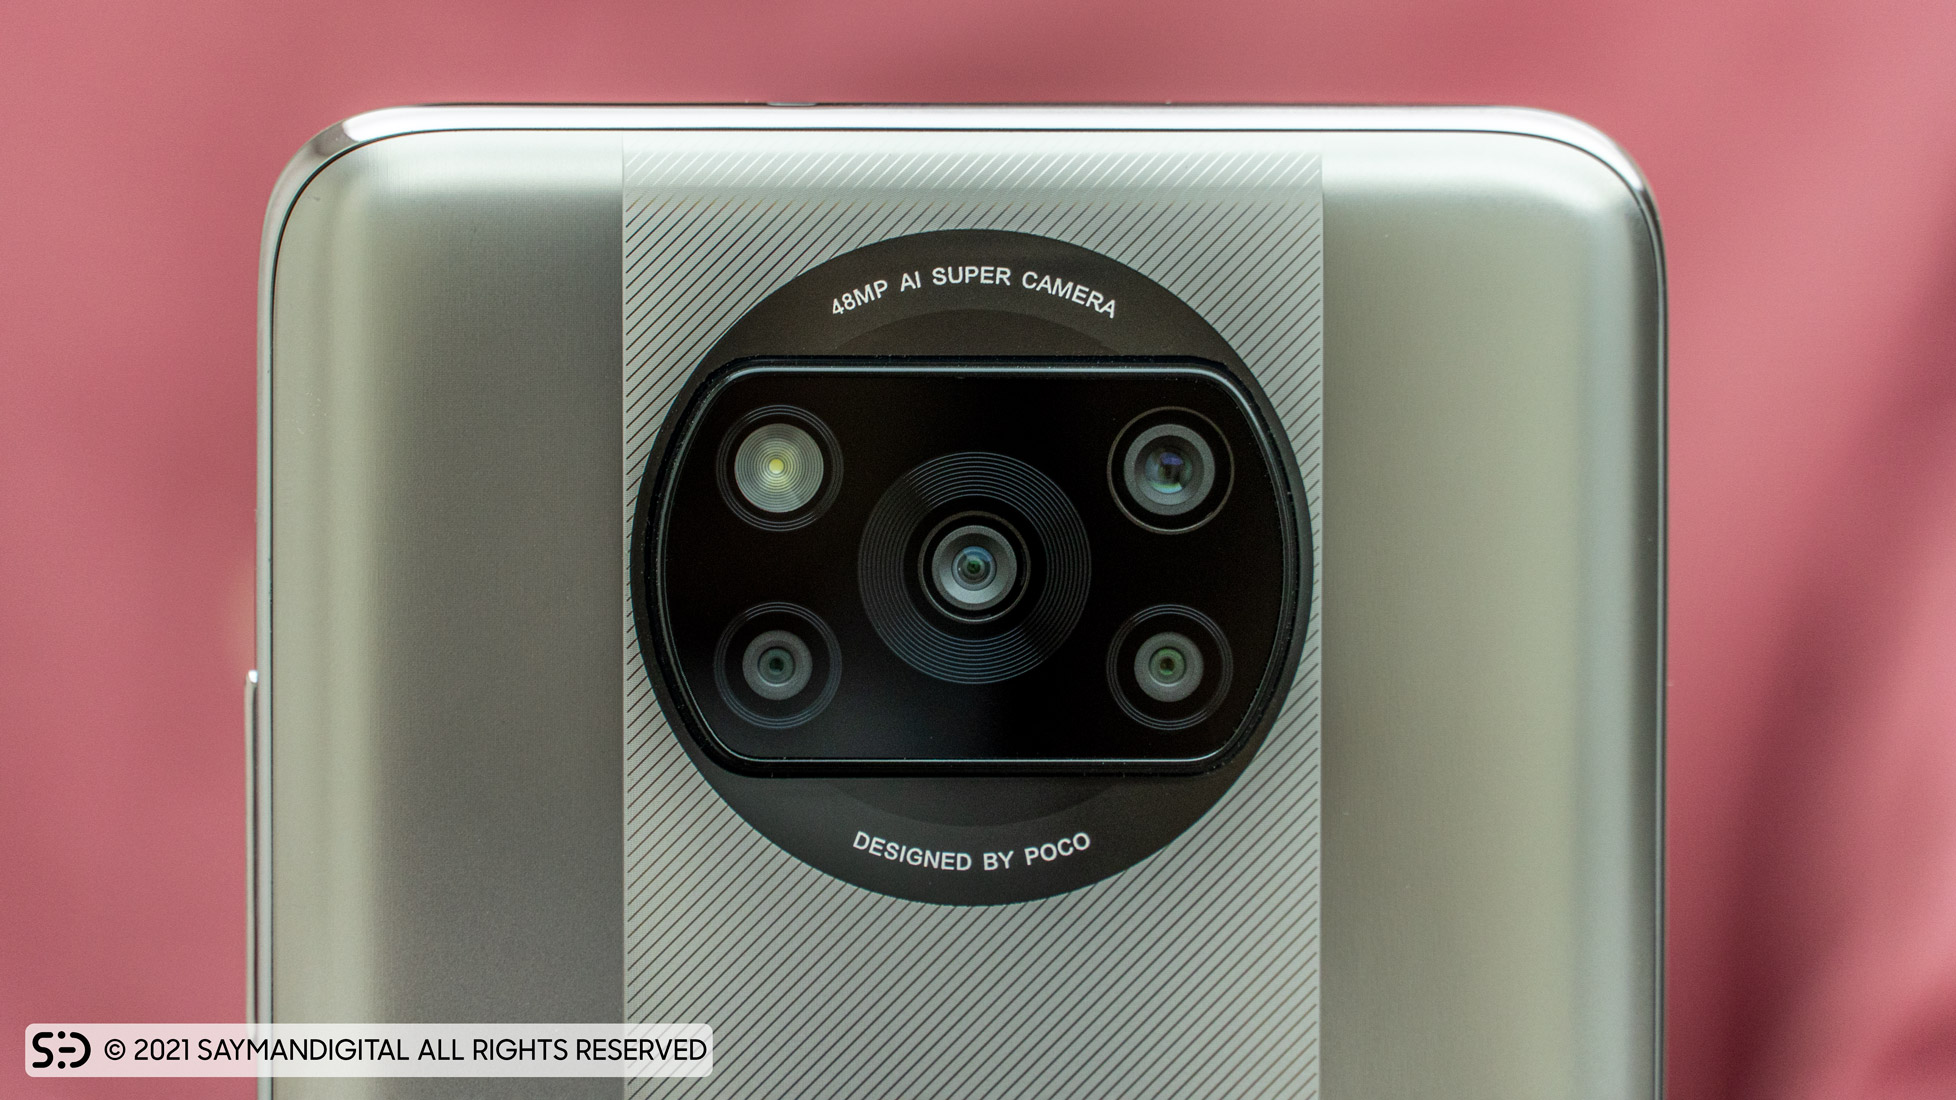 چیدمان لنز دوربینها در مطلب بررسی پوکو ایکس 3 پرو